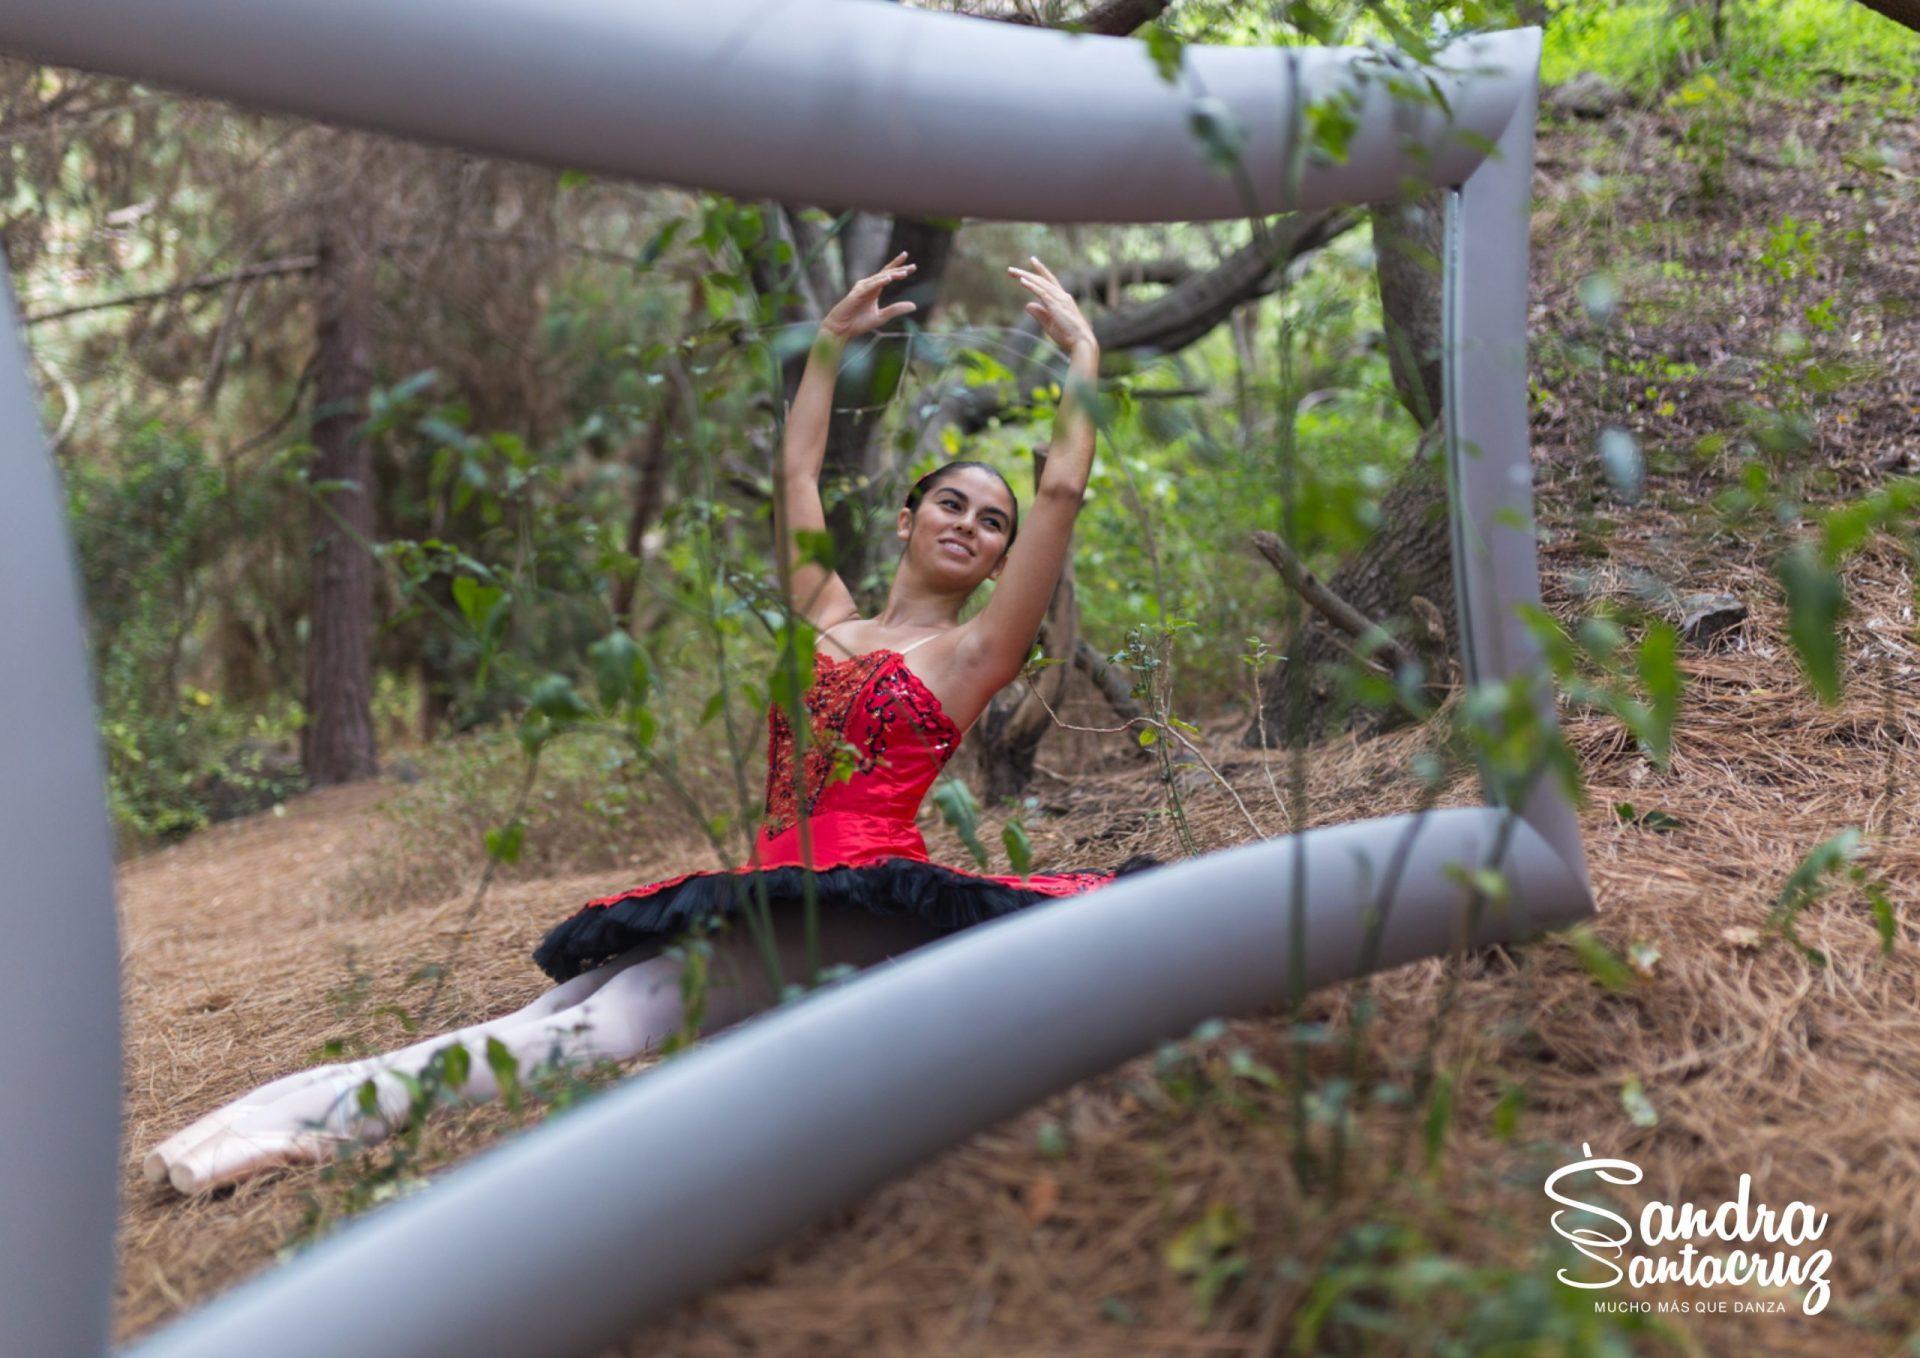 Centro de Danza Sandra Santa Cruz, nuestro trabajo es Muchomasquedanza